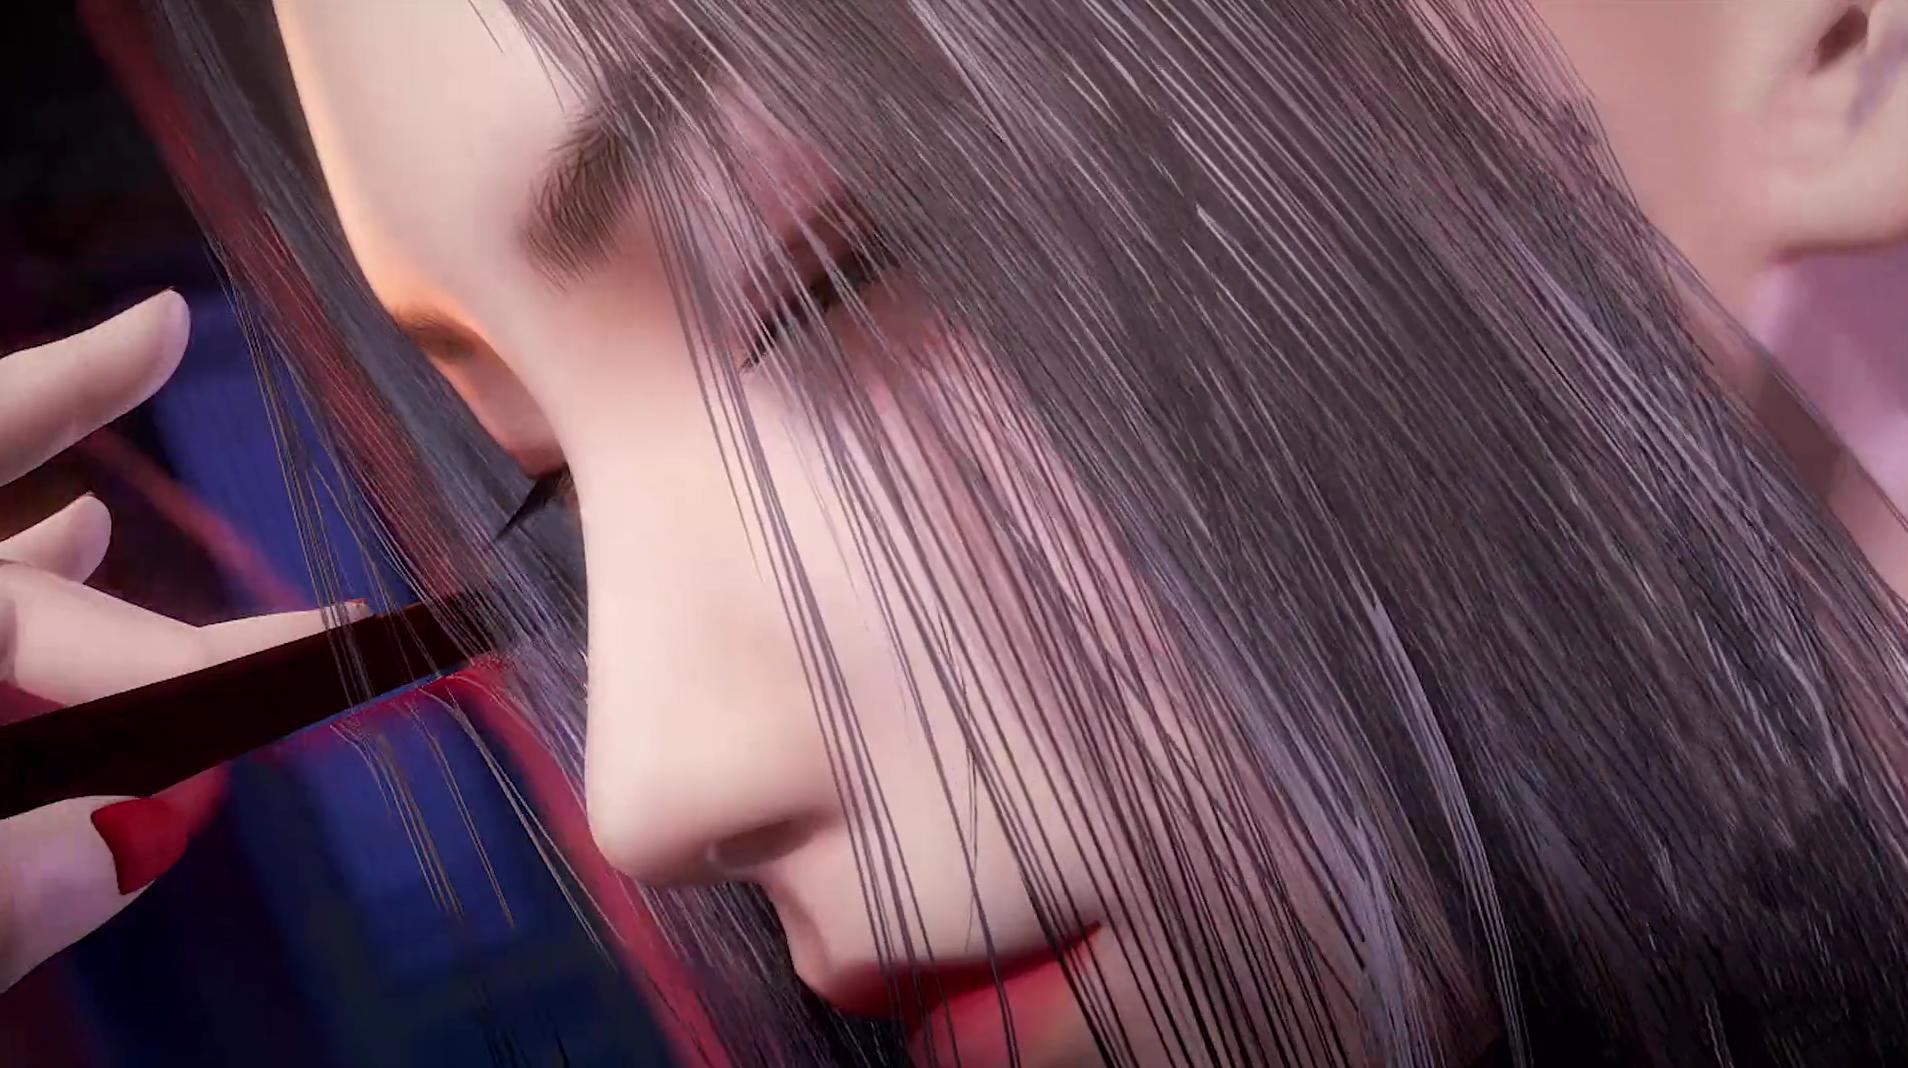 焰灵姬/红莲 - 天行九歌 - 一波可以当一年桌面背景的图片 妙笔生花